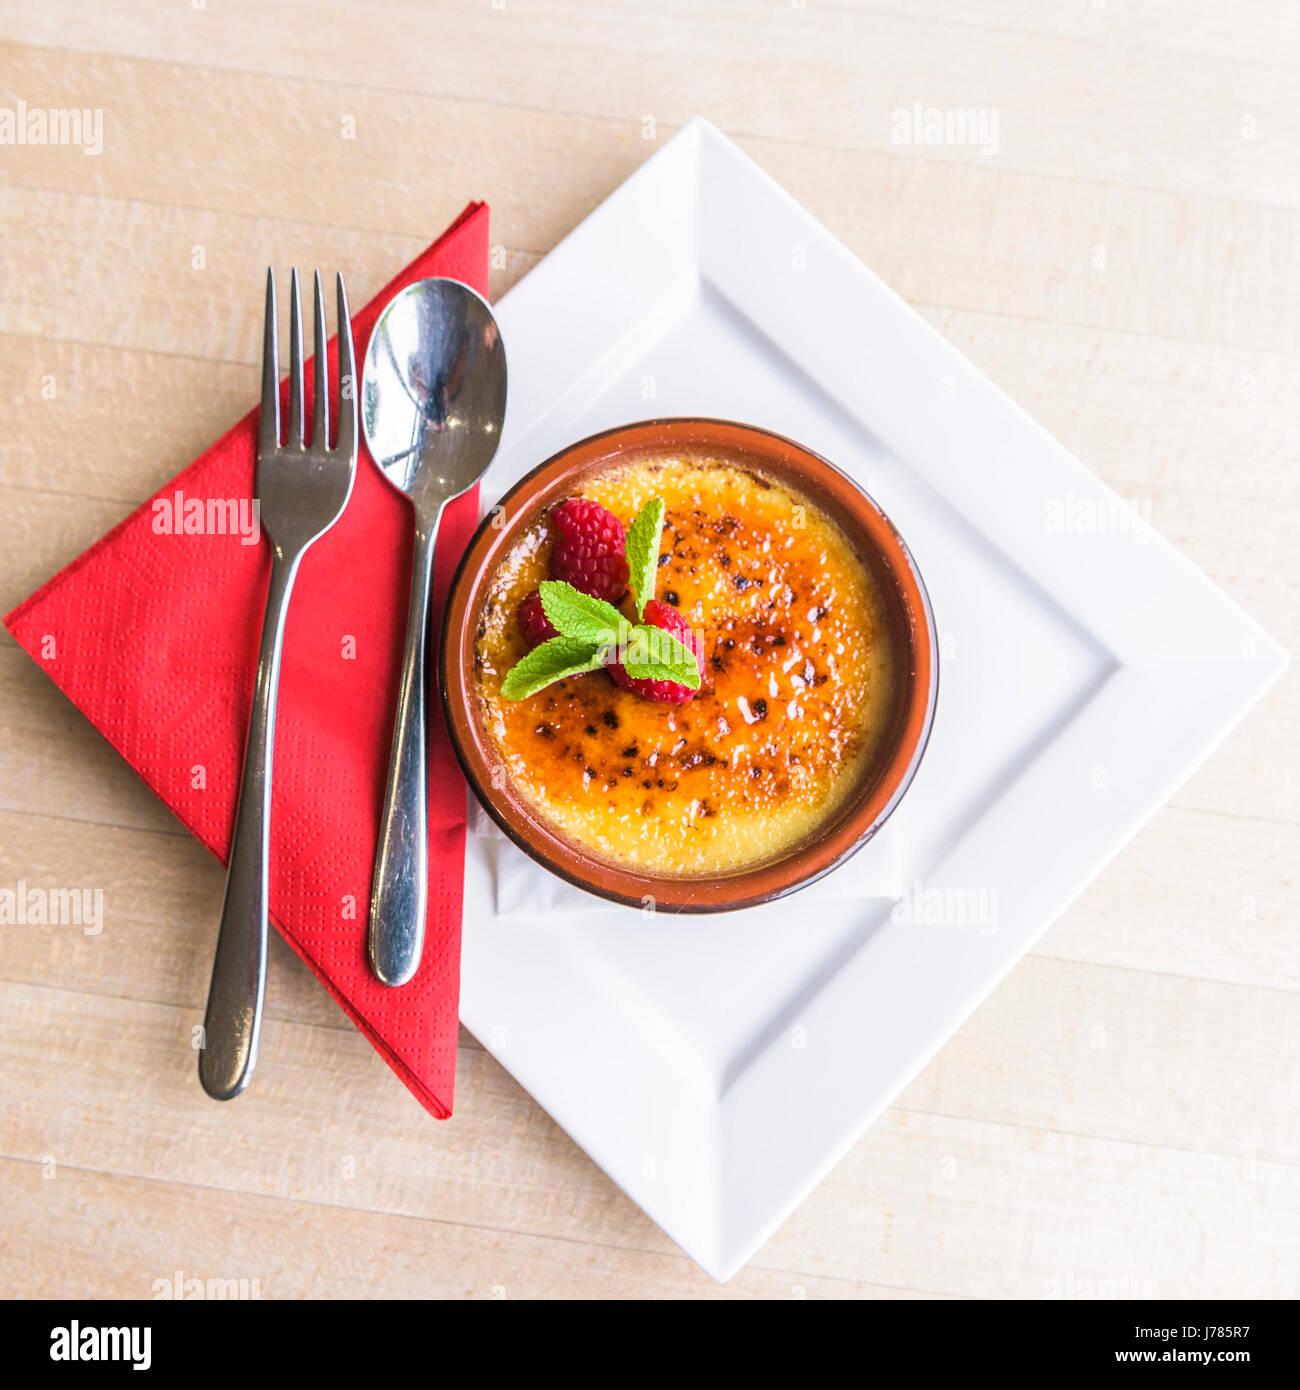 Una crema Brulee servita in un ristorante; Dessert; cibo; dolce; Pudding; posate; Rasberries; gustoso; attraente Immagini Stock